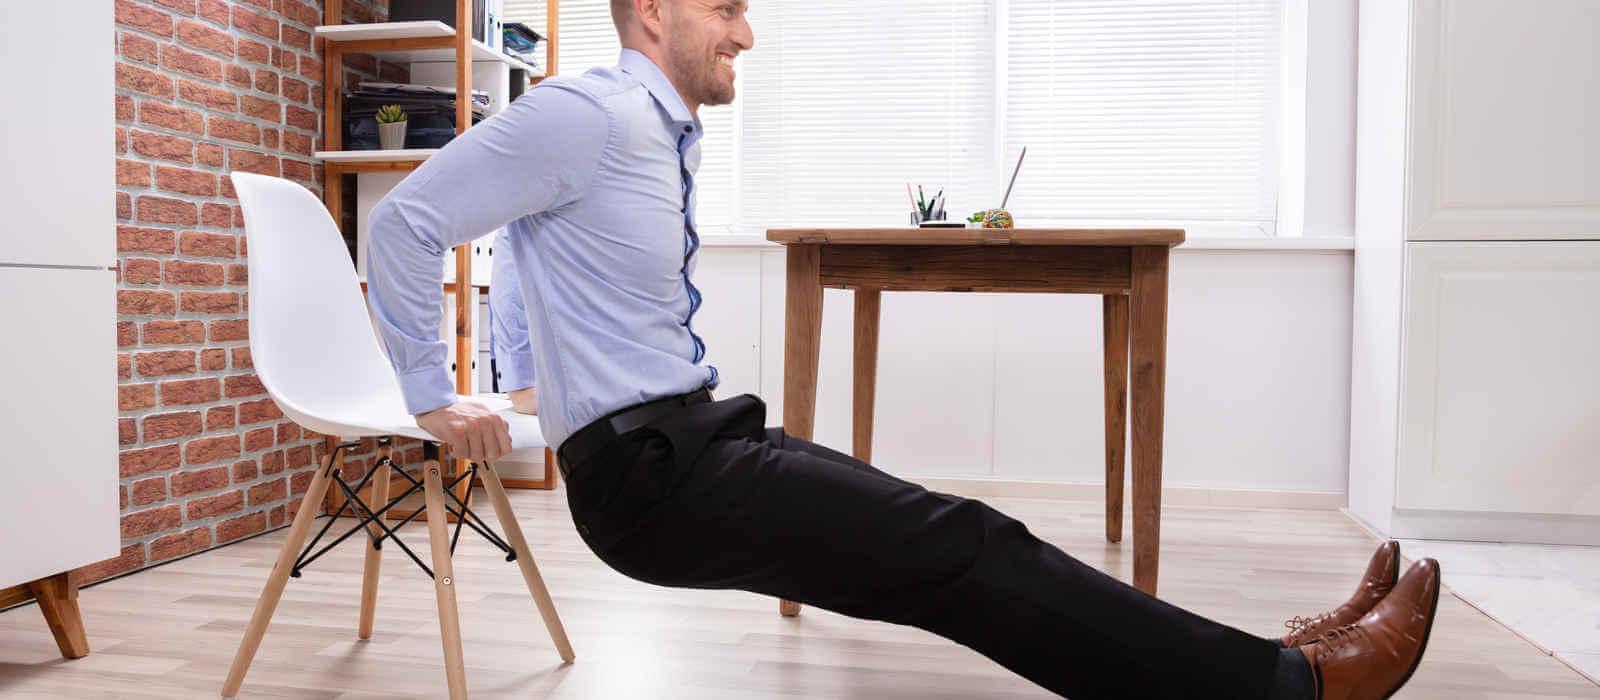 Übungen, um zu Hause den Schritt zu verlieren